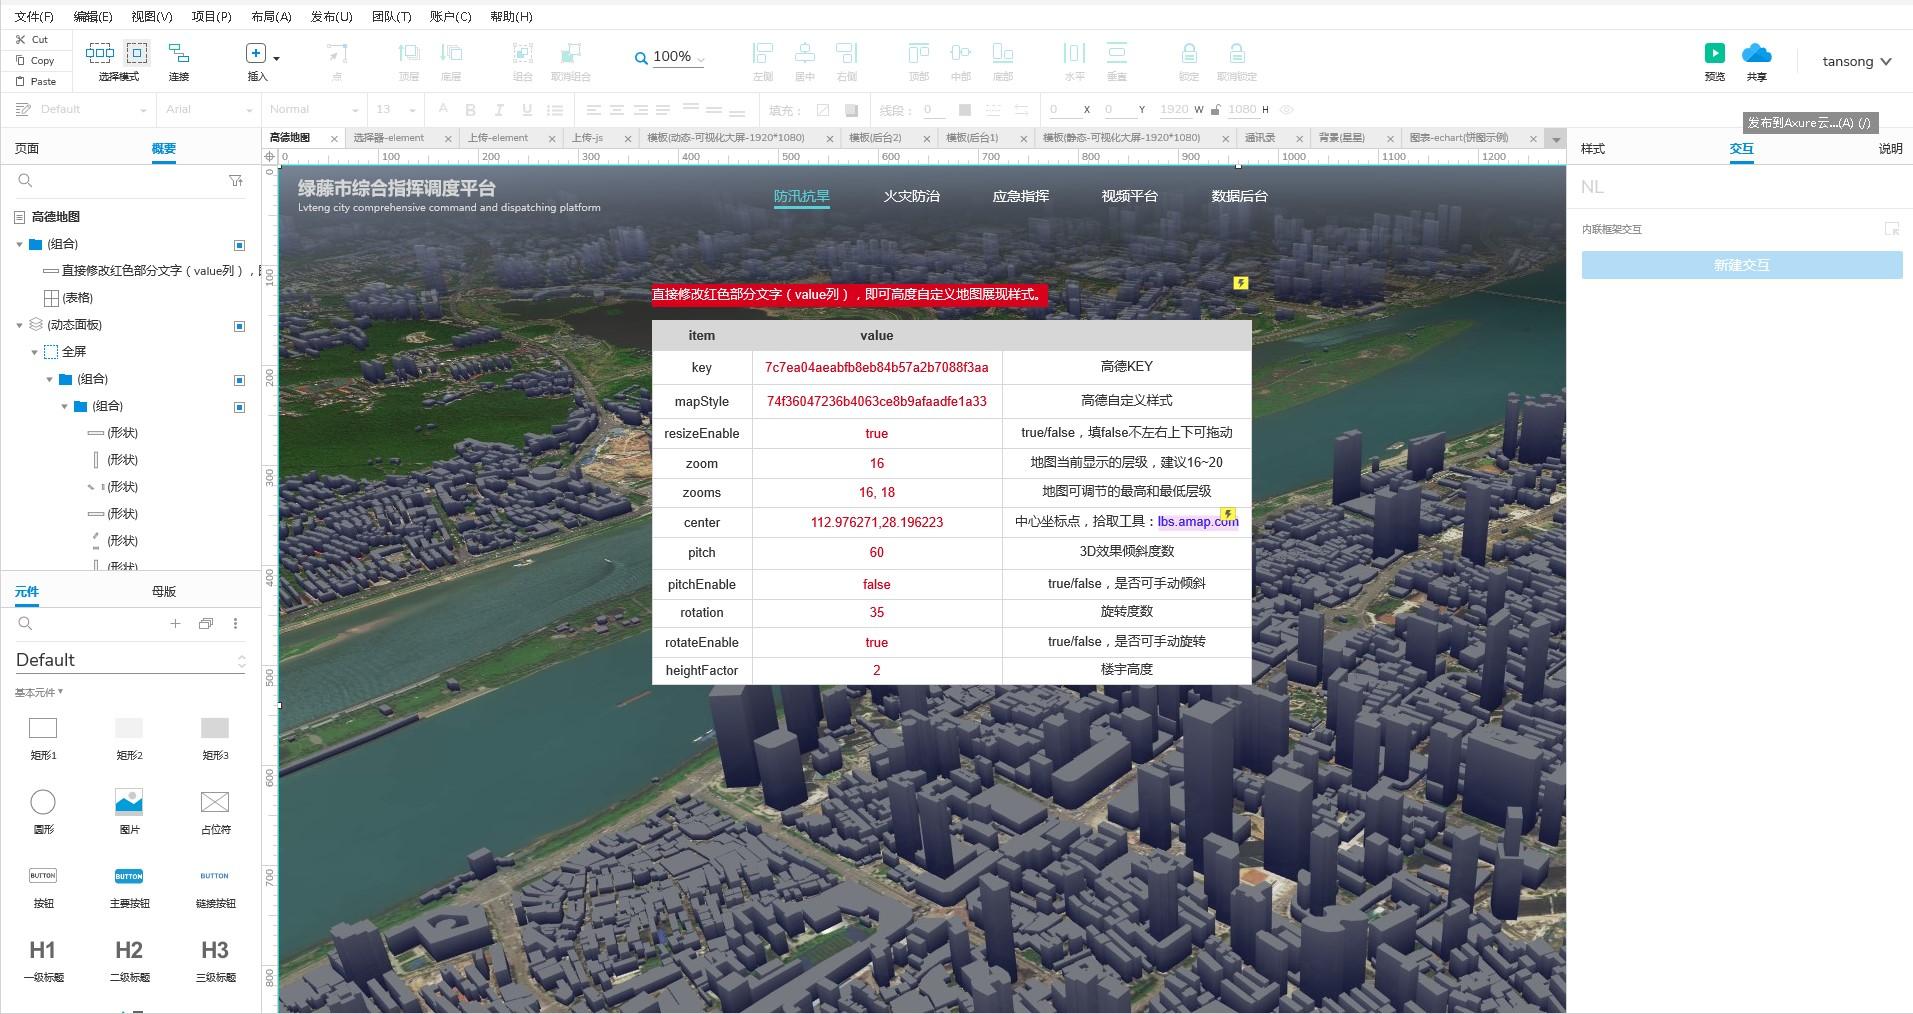 调用自定义地图为背景的可视化项目-升级版